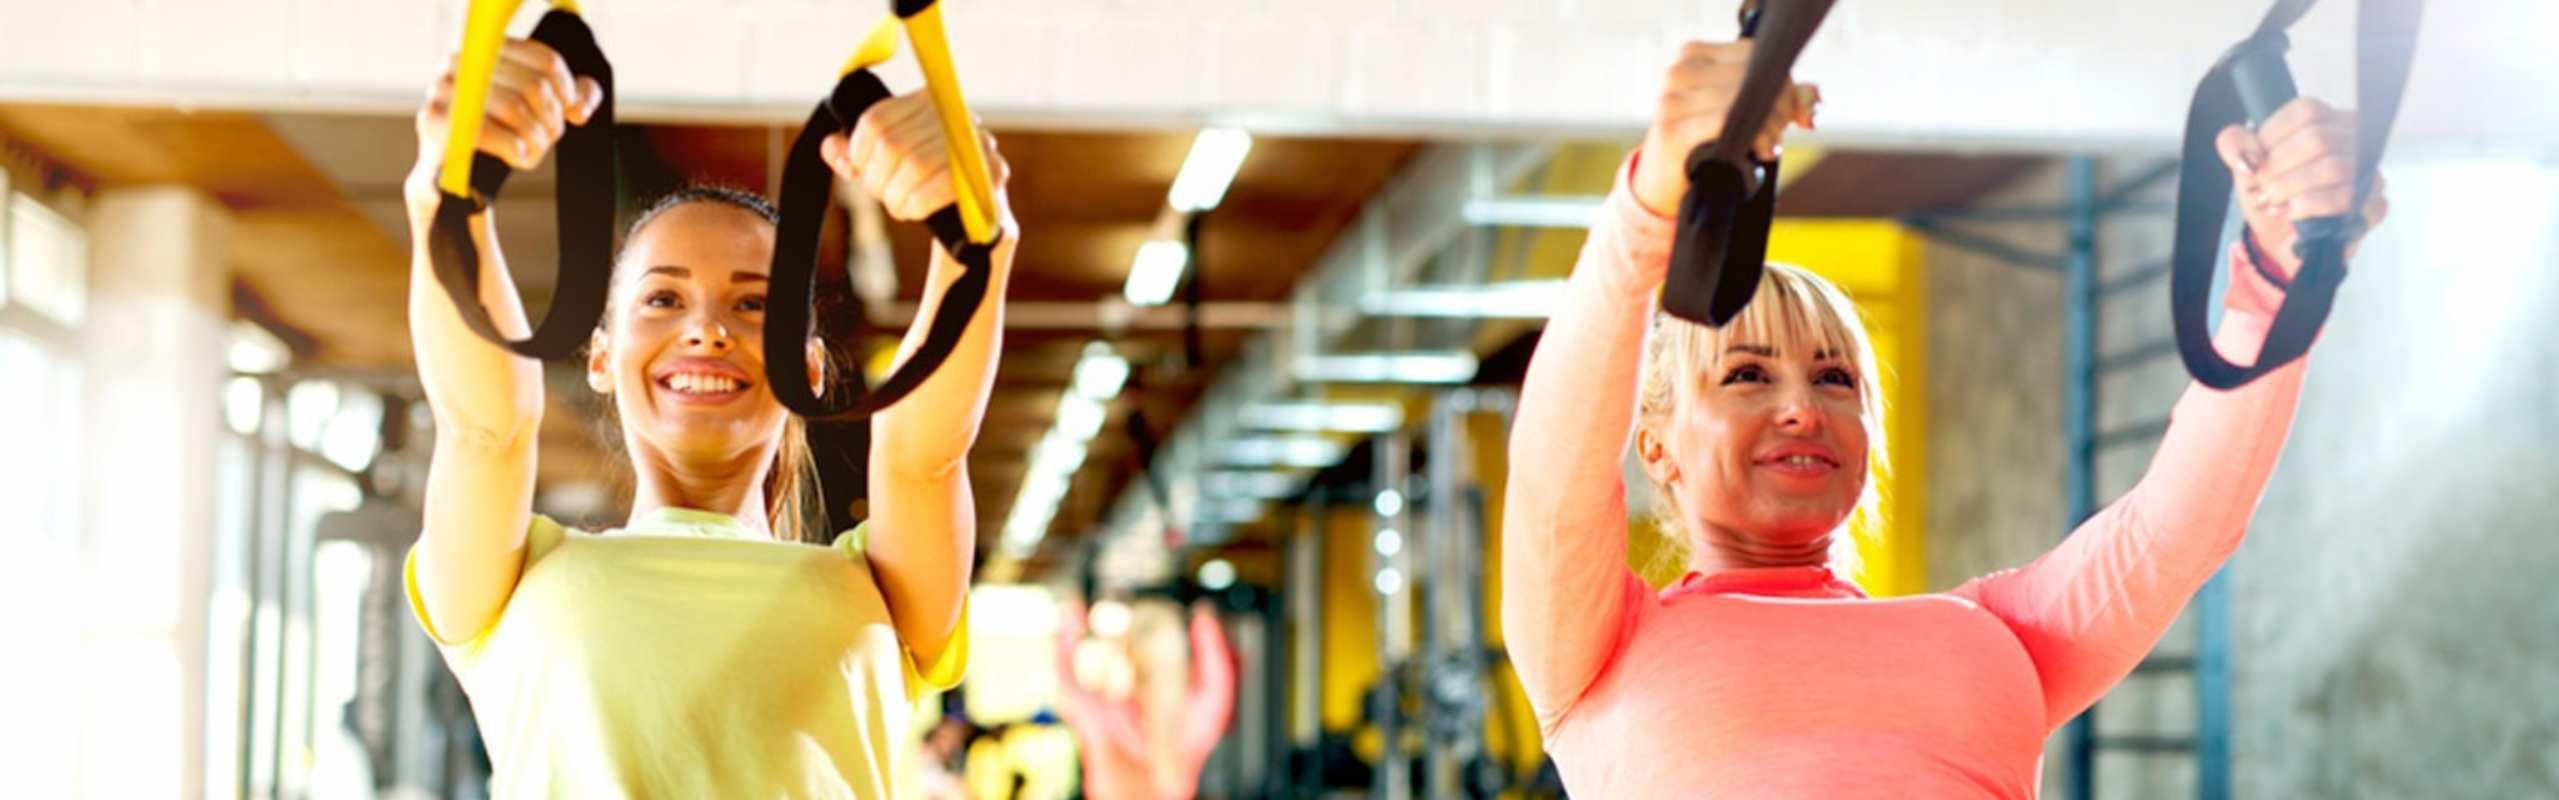 Descubre el entrenamiento en suspensión y los beneficios para tu cuerpo